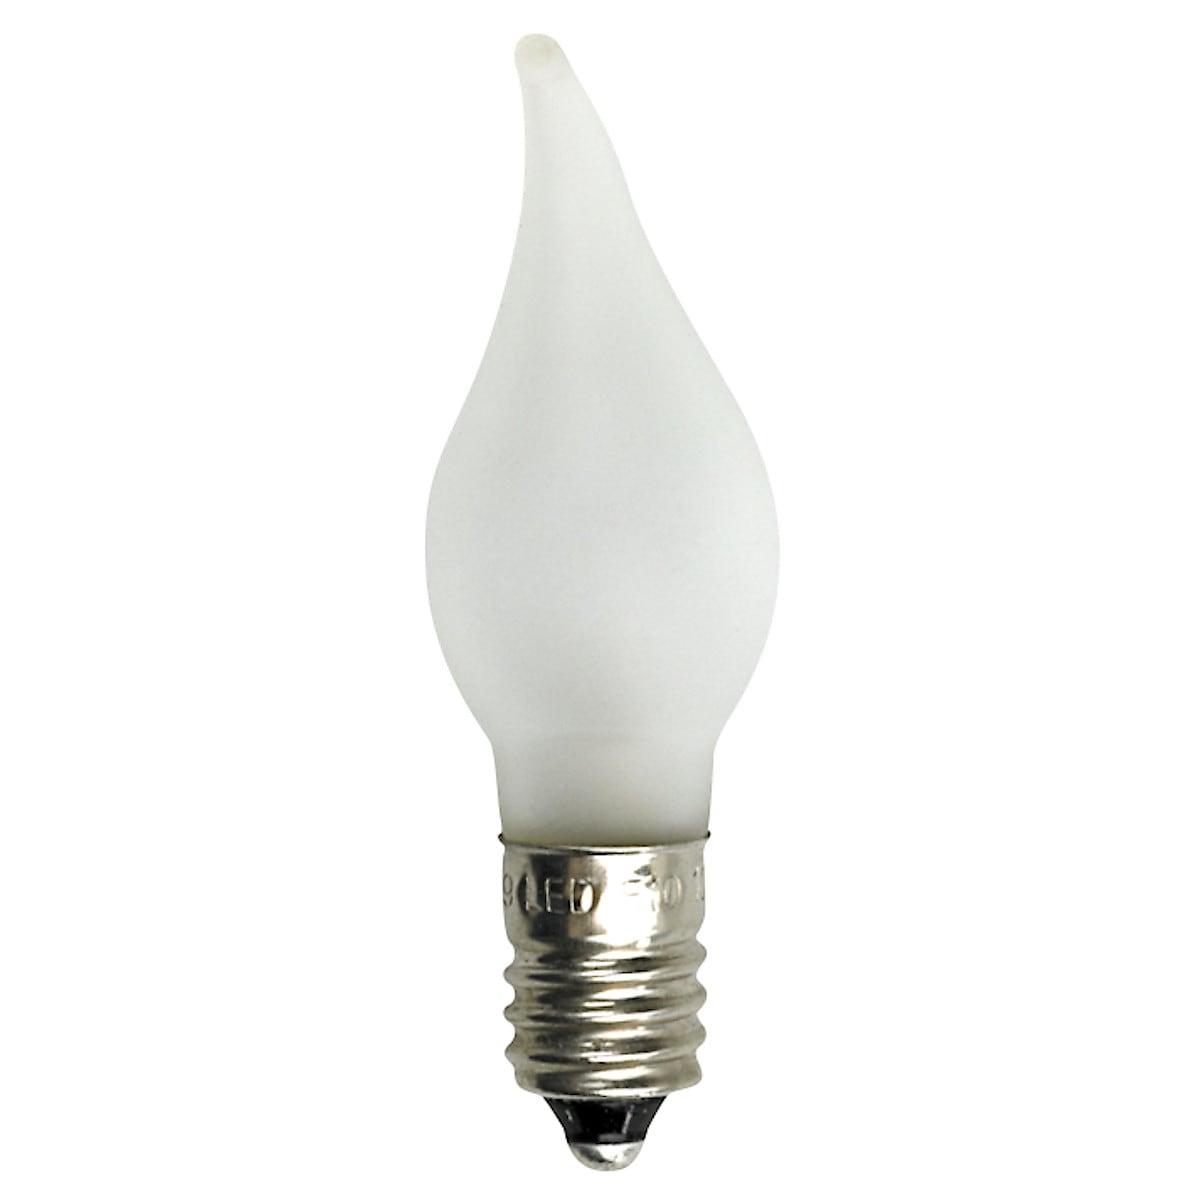 Reservlampa LED 10-55 V 4-pack Clas Ohlson